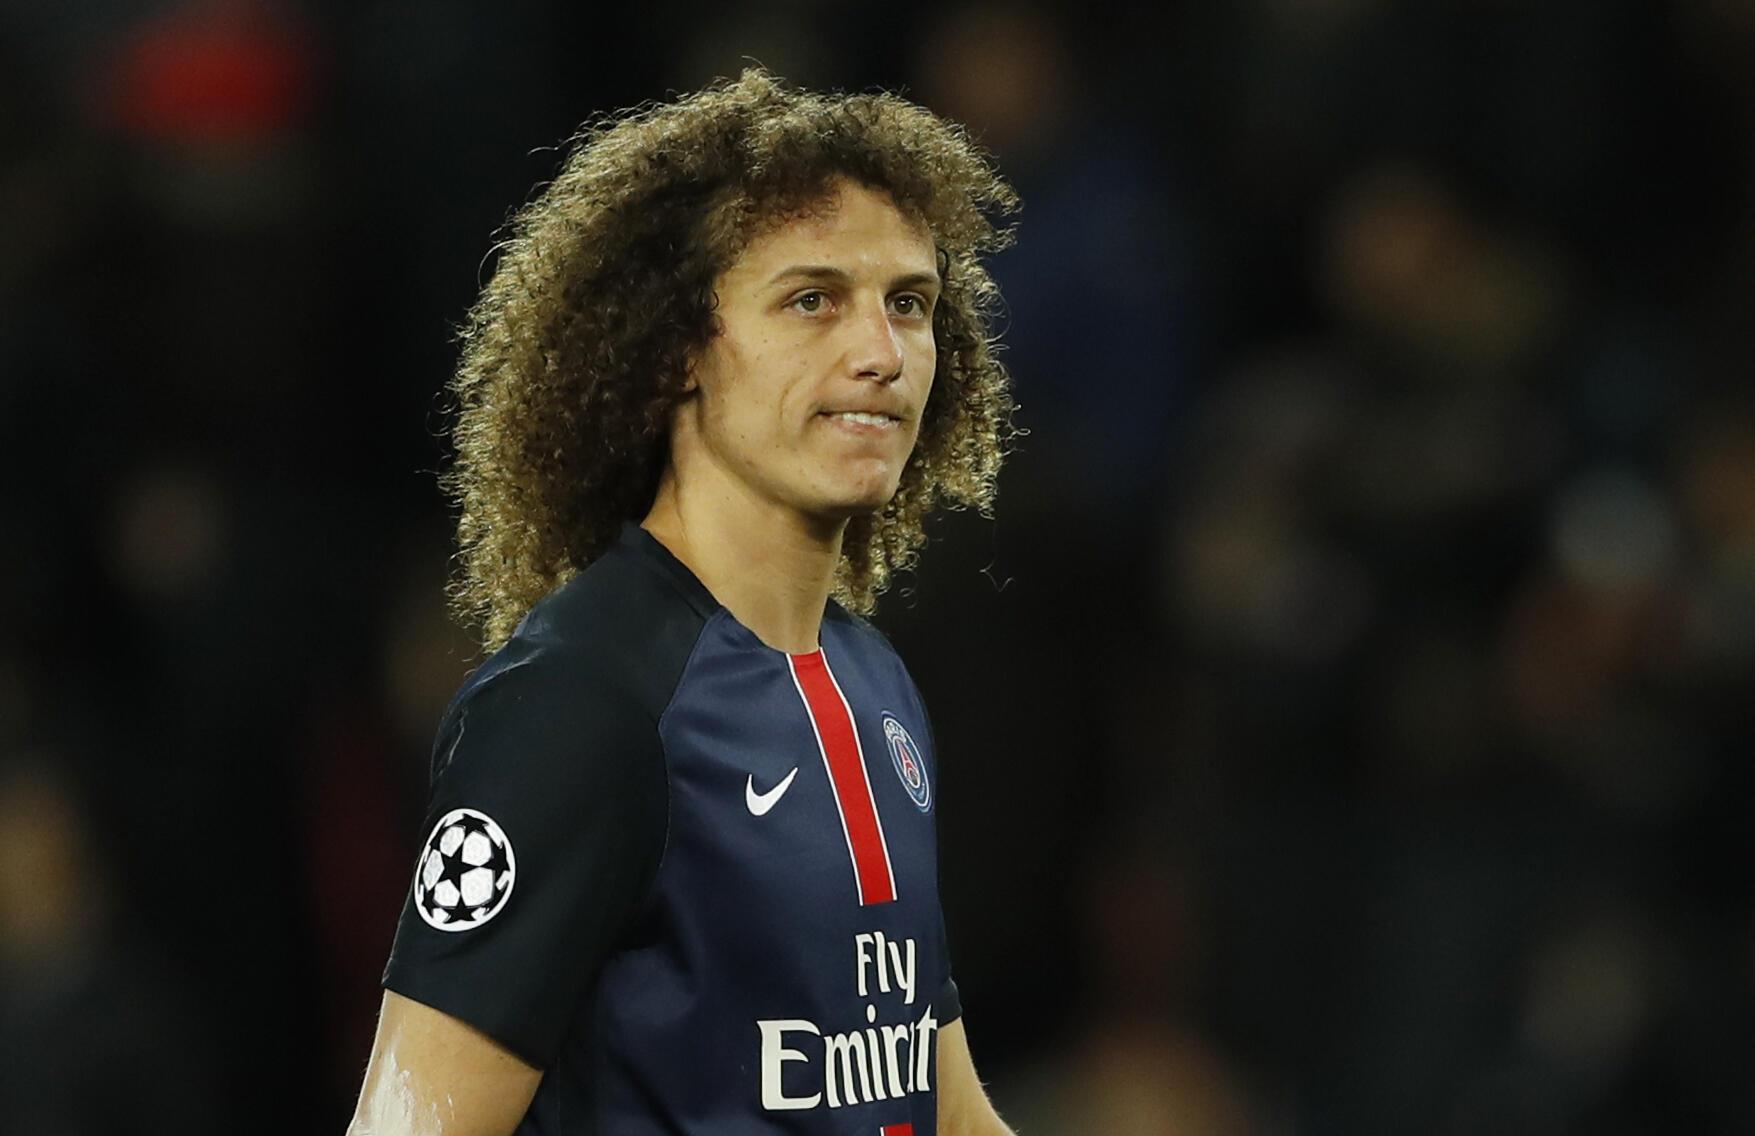 O zagueiro David Luiz, depois do empate do Paris Saint-Germain com o Manchester City nesta quarta-feira (6) no Parc des Princes, em Paris.